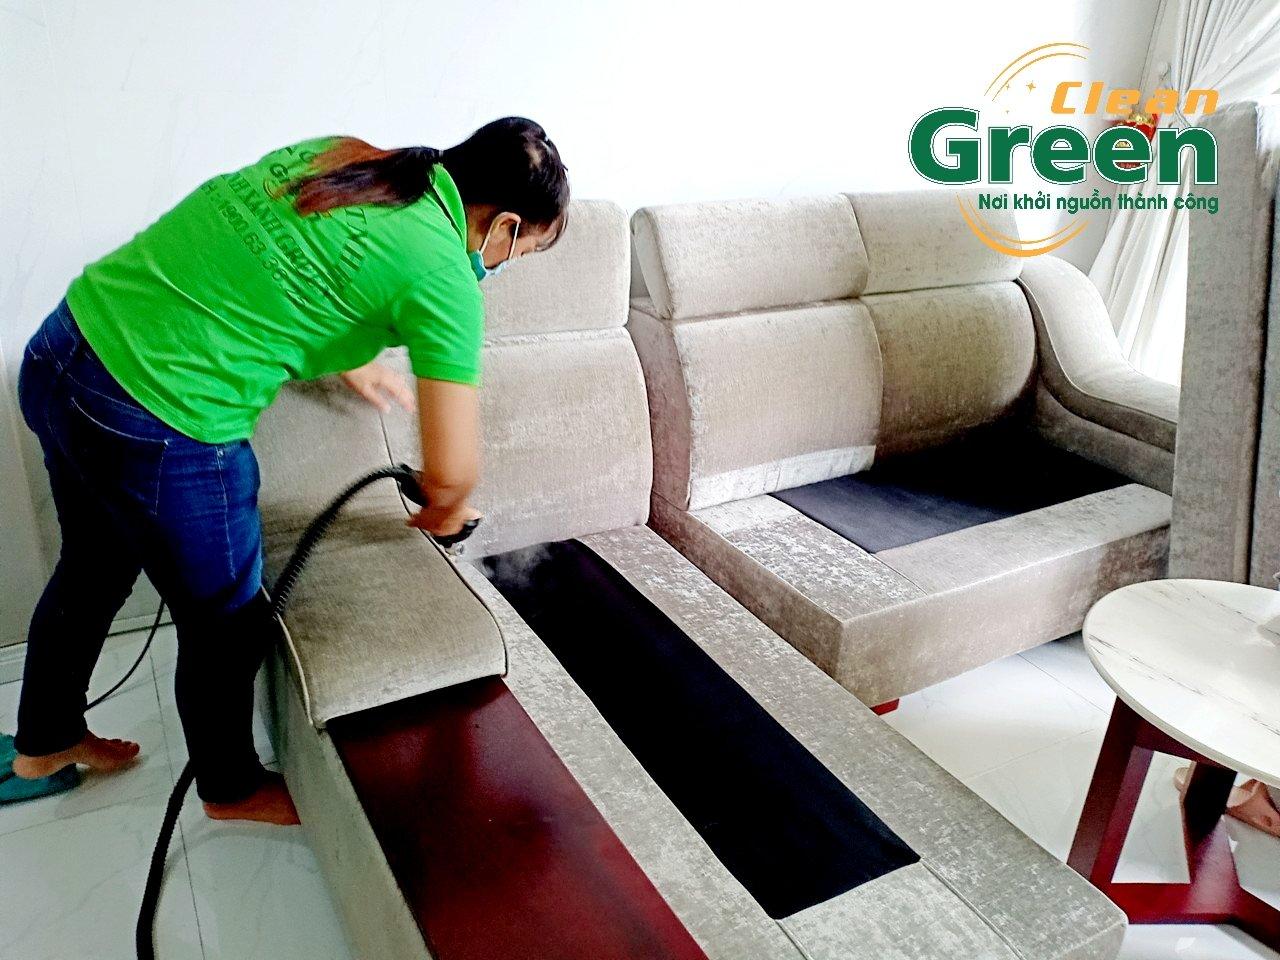 Dùng máy hút bụi hút những mảnh vụn hay bụi bẩn trên mặt ghế để giặt ghế sofa vải